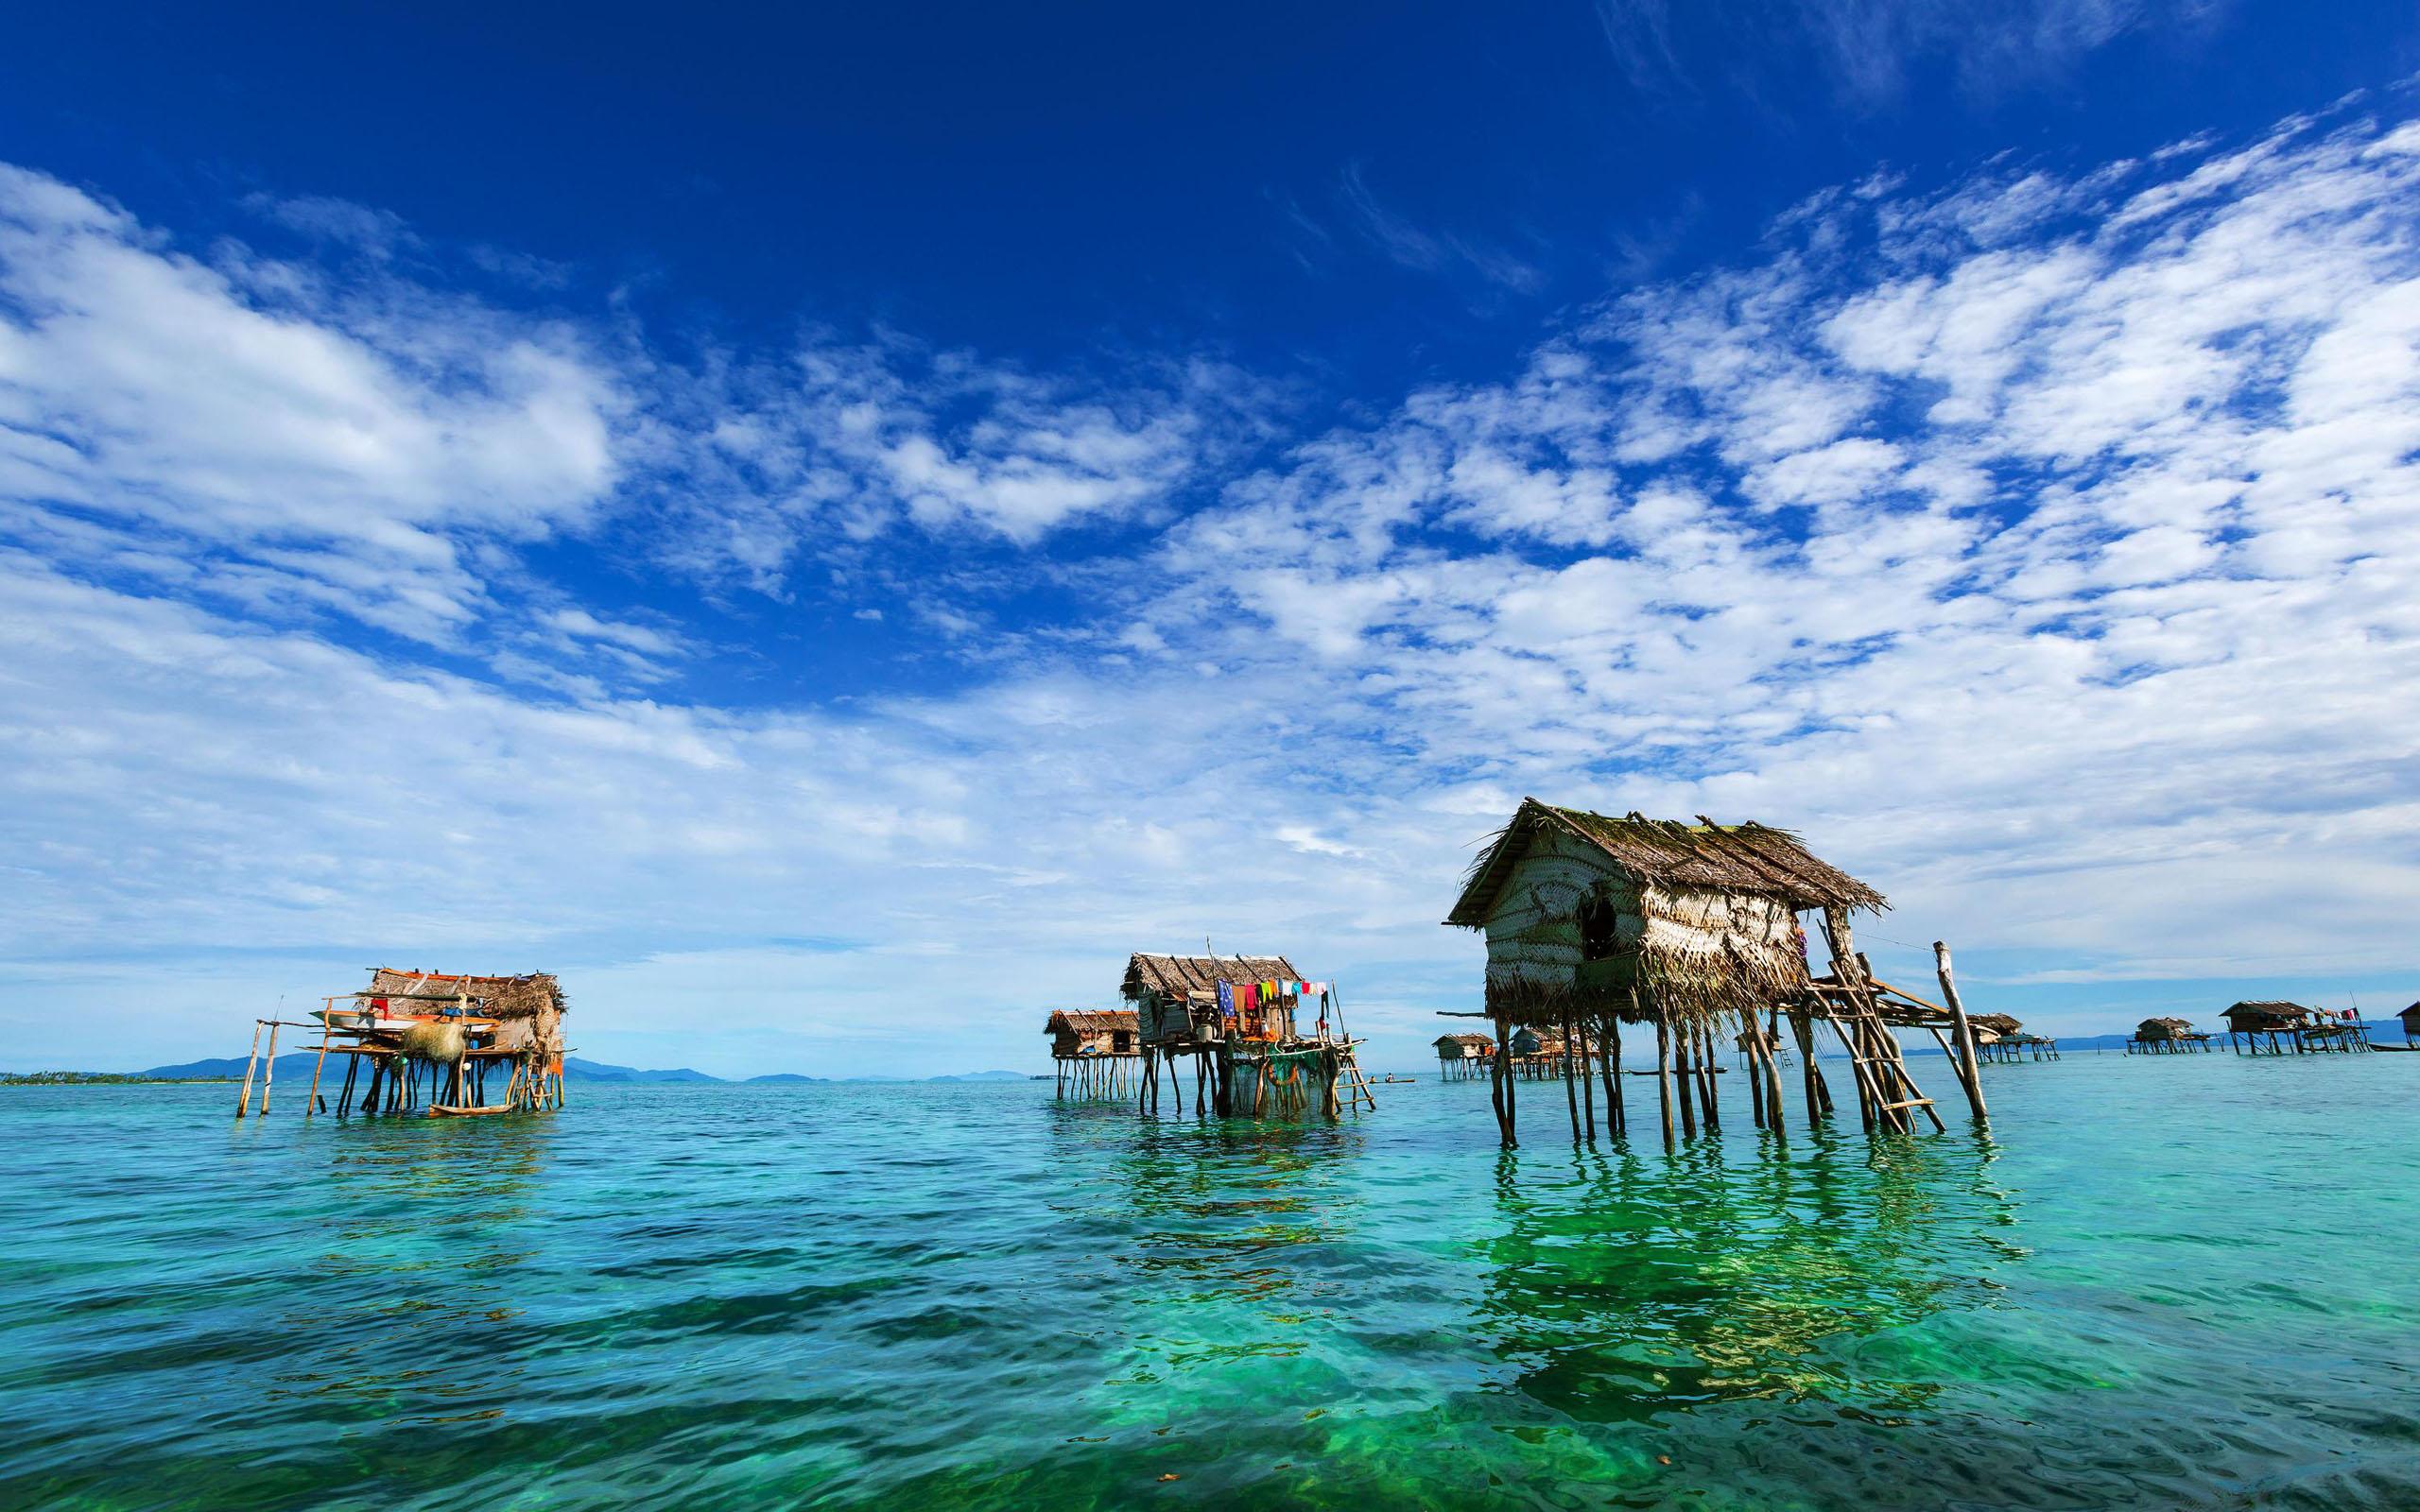 从仙本那乘坐快艇1小时到达马步岛,入住。晕船的队员请乘坐快艇后面哦。入住后我们就乘快艇到马布岛浮潜点去浮潜,在马布岛欣赏海上日落。当然在这里深潜,还是可以考虑的。马步岛周围有许多的潜点,海水通透而平静,数不清的珊瑚礁游弋着不同的生物,遍地的海星..到了马步岛,你就步入了最天堂的原始岛屿。 来到海岛,当然每天都可以品尝价廉物美的新鲜生龙虾、濑尿虾、东星斑、还有各中叫不上名字的海鱼,海胆,鱿鱼,价格便宜到你想象不到,哈哈! 旅行体验:关于马步岛住宿条件,我们的旅行理念是深度的了解和体验这个国家真正的人文,而不